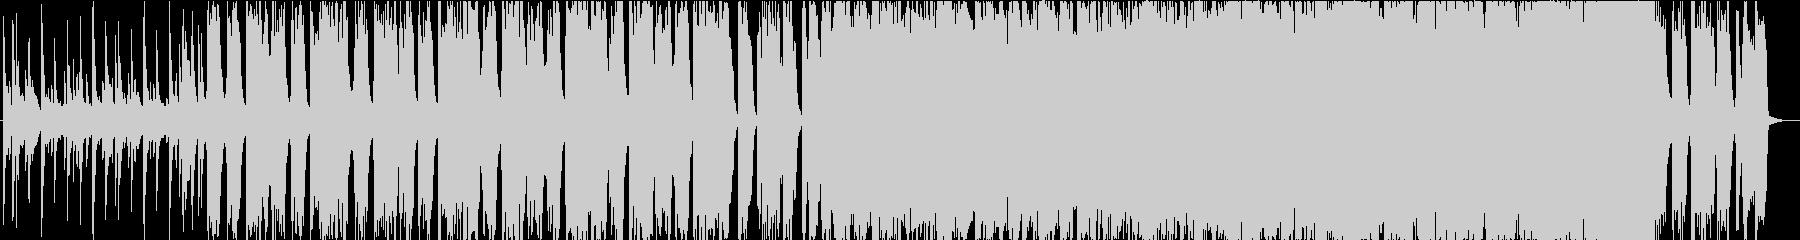 ヘヴィでクールなメタルBGM(短縮版)の未再生の波形